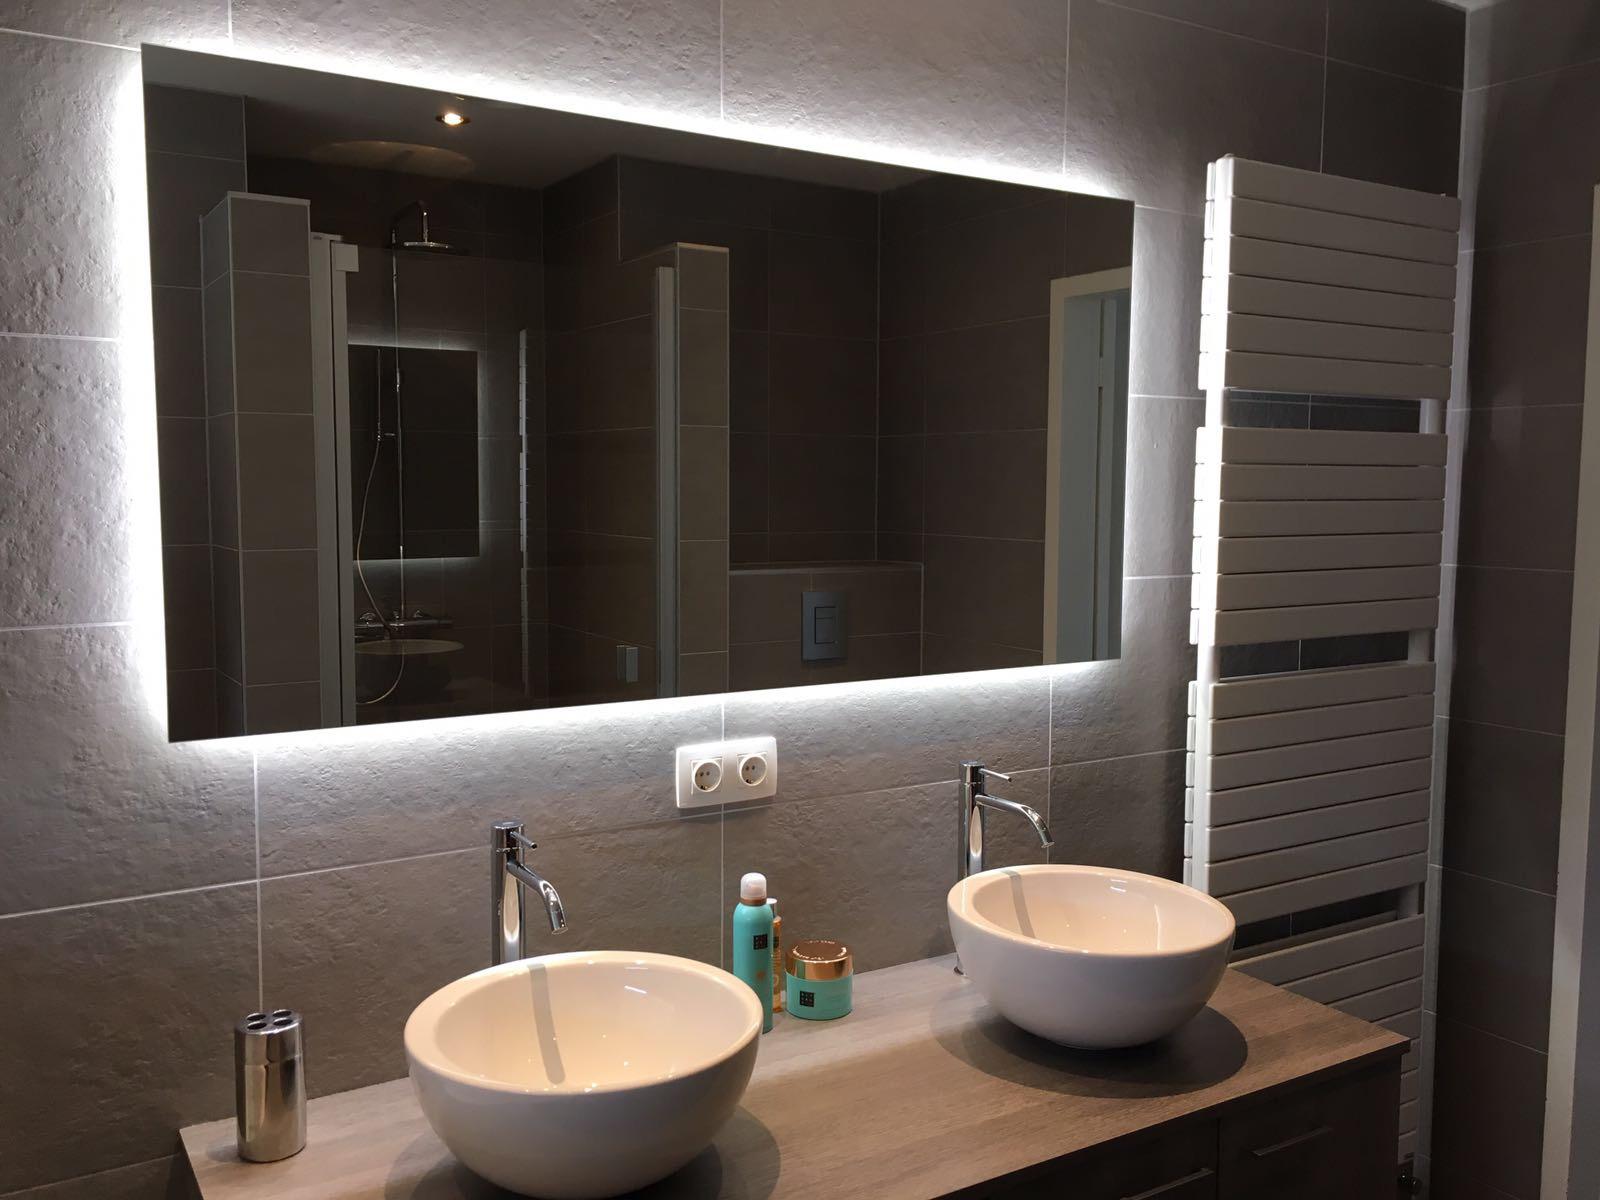 Renovatie Badkamer Ieper : Home u e projecten u e dakkapel met badkamer sonke bouwbedrijf